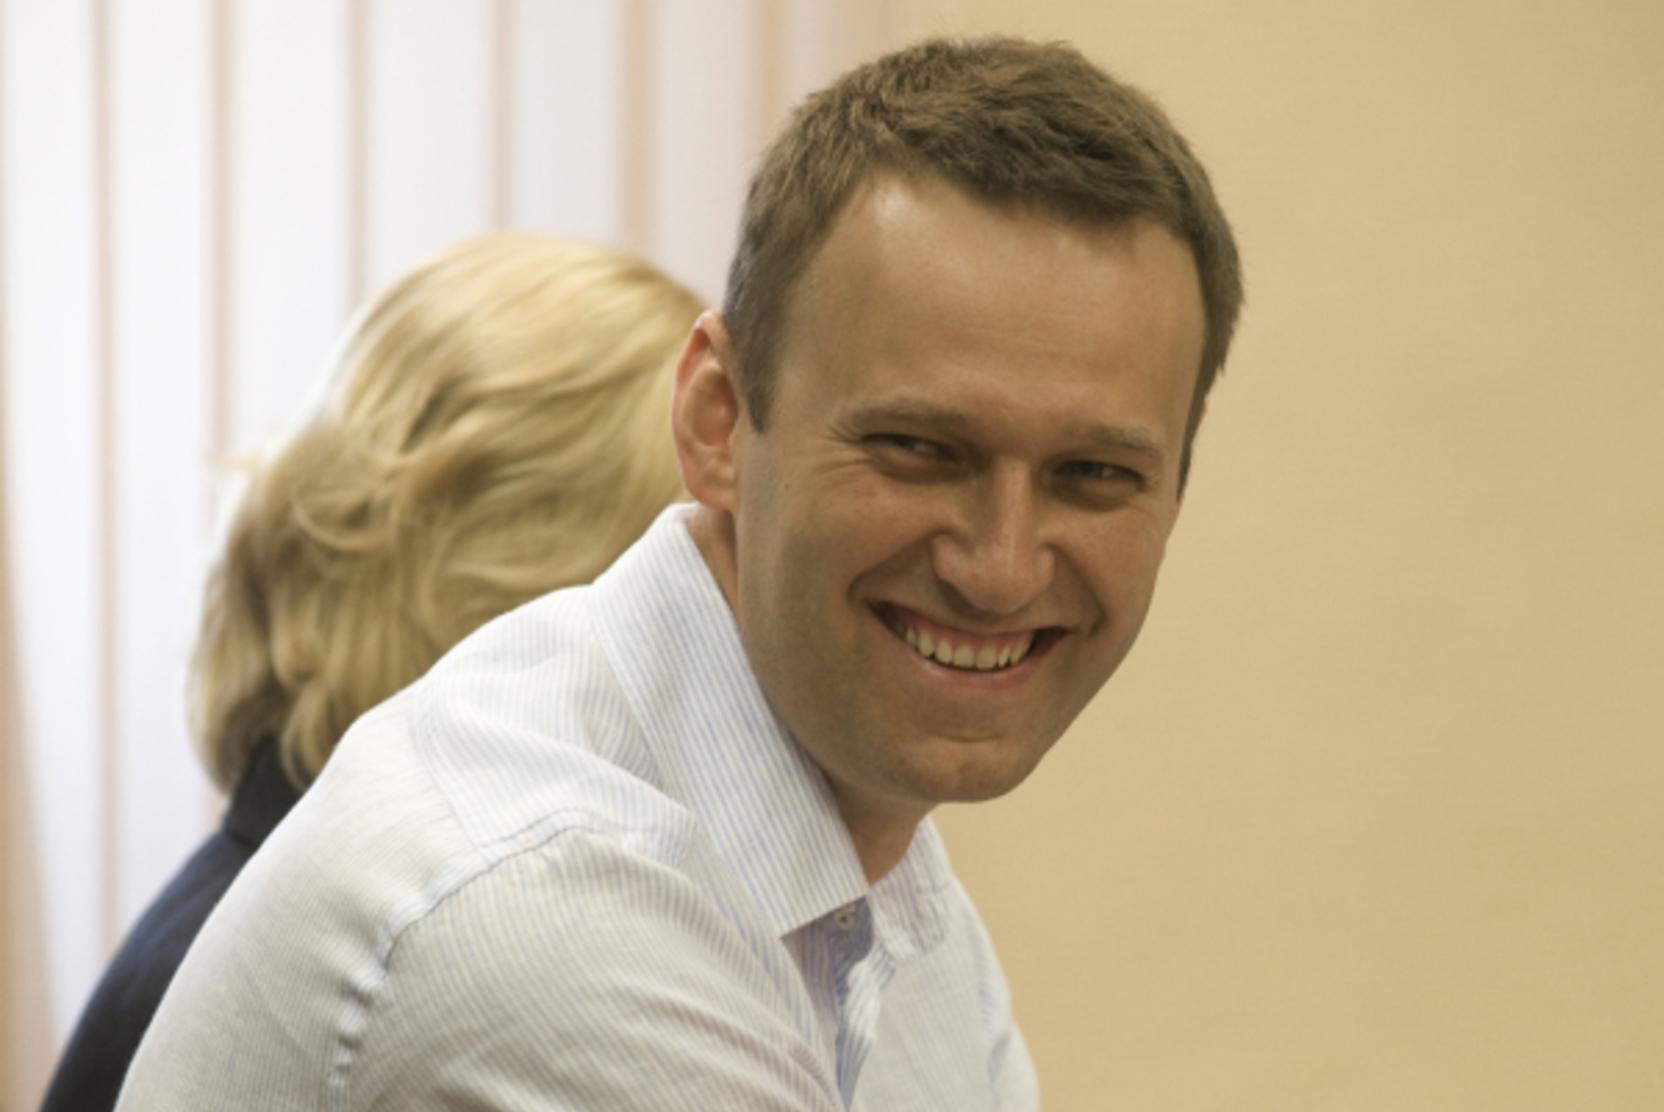 «Похабень»: Галкин раскритиковал программу Кеосаяна за выпуск о Навальном